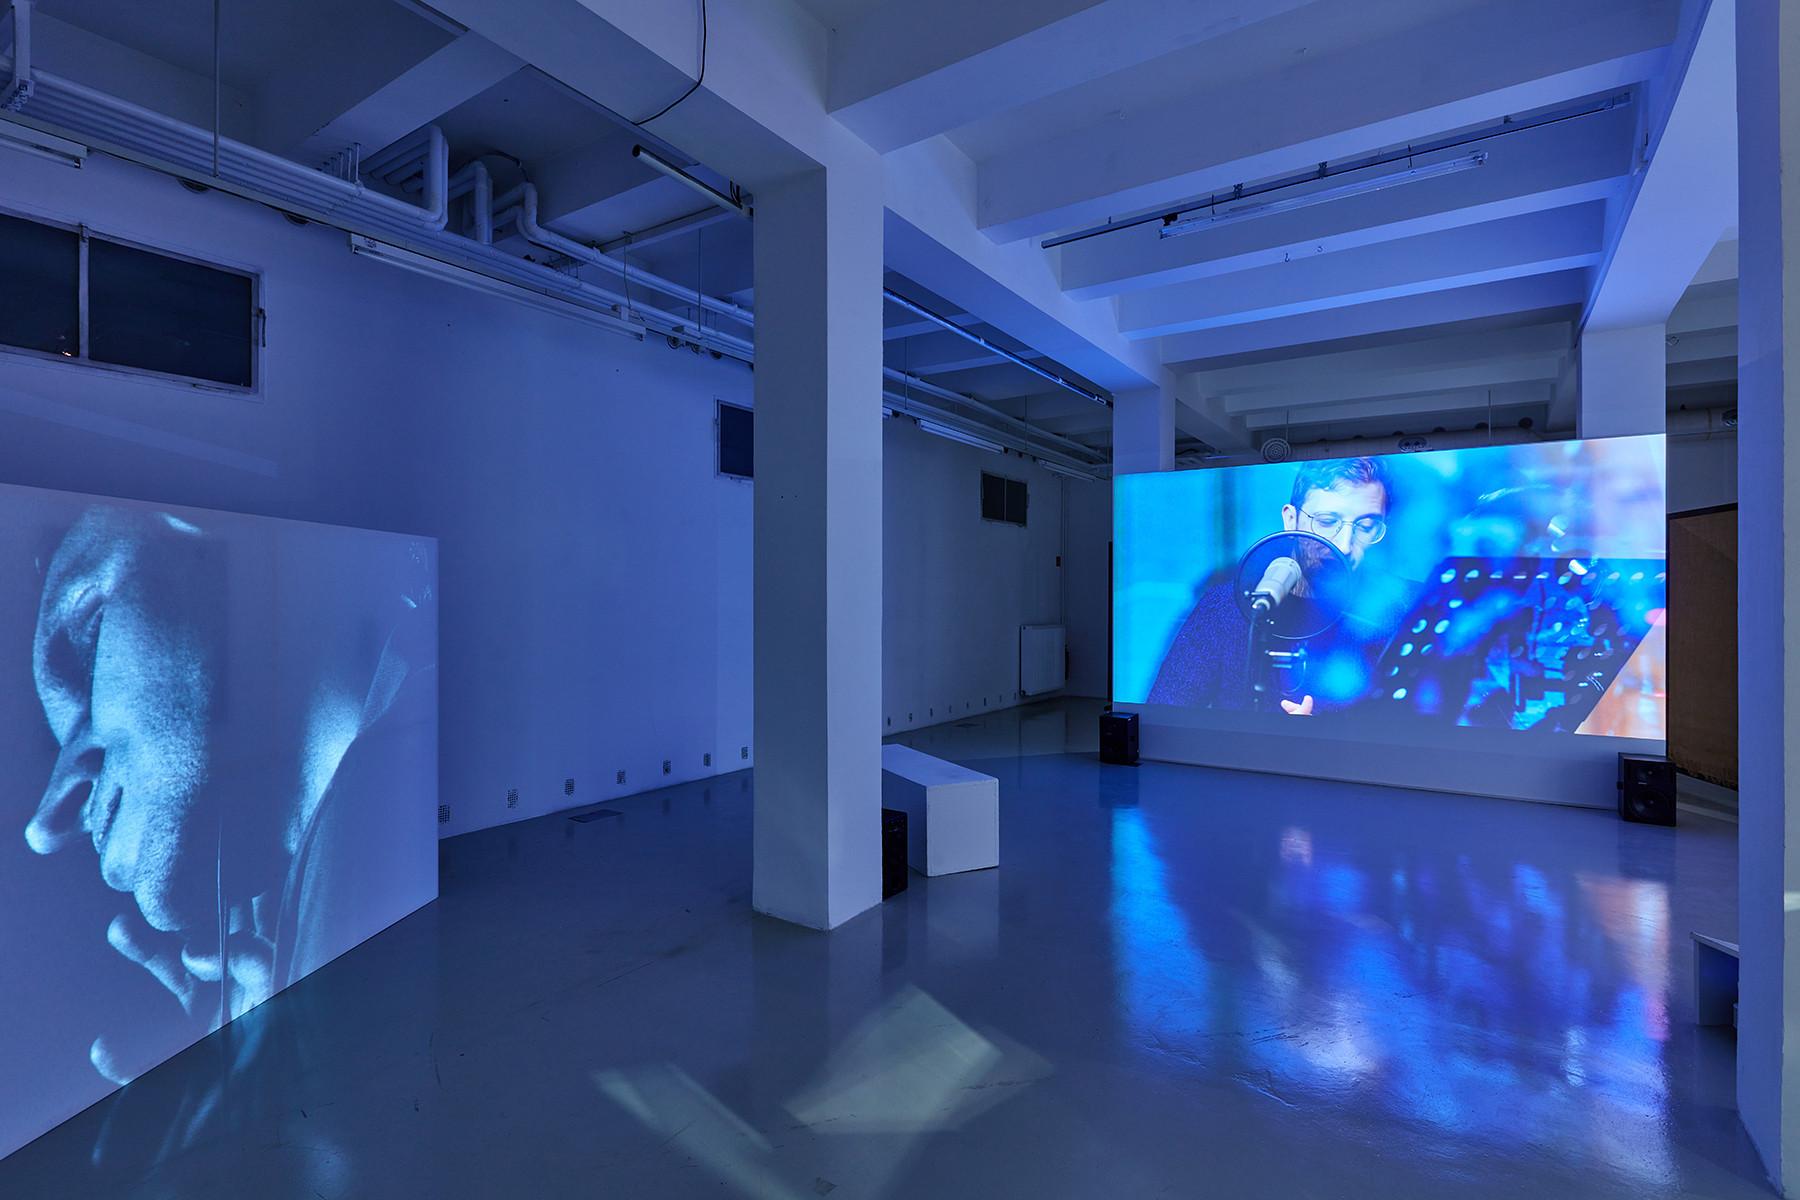 Exhibition view | photo: Dávid Biró